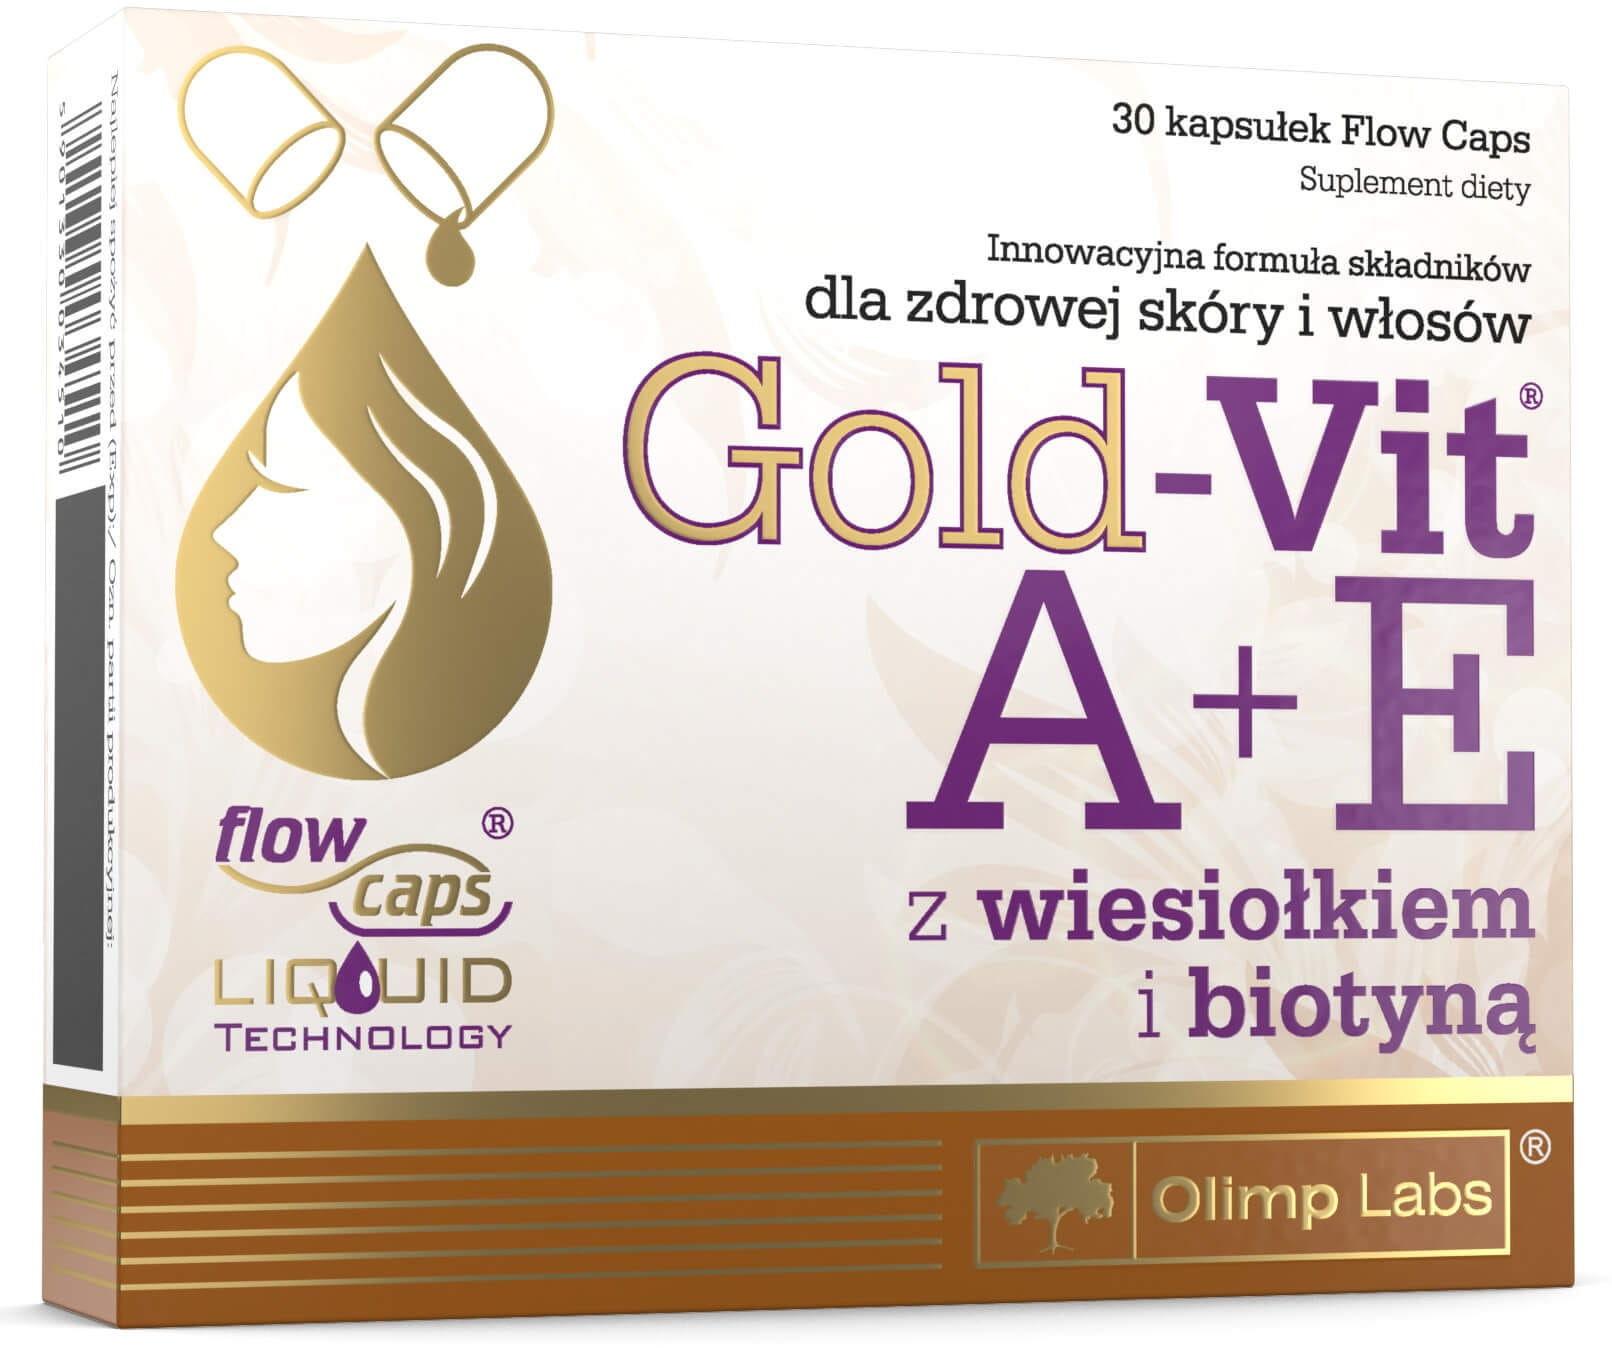 Gold-Vit C  A+E z Wiesiołkiem i Biotyną Suplement Diety 30 Kapsułek - Olimp Labs